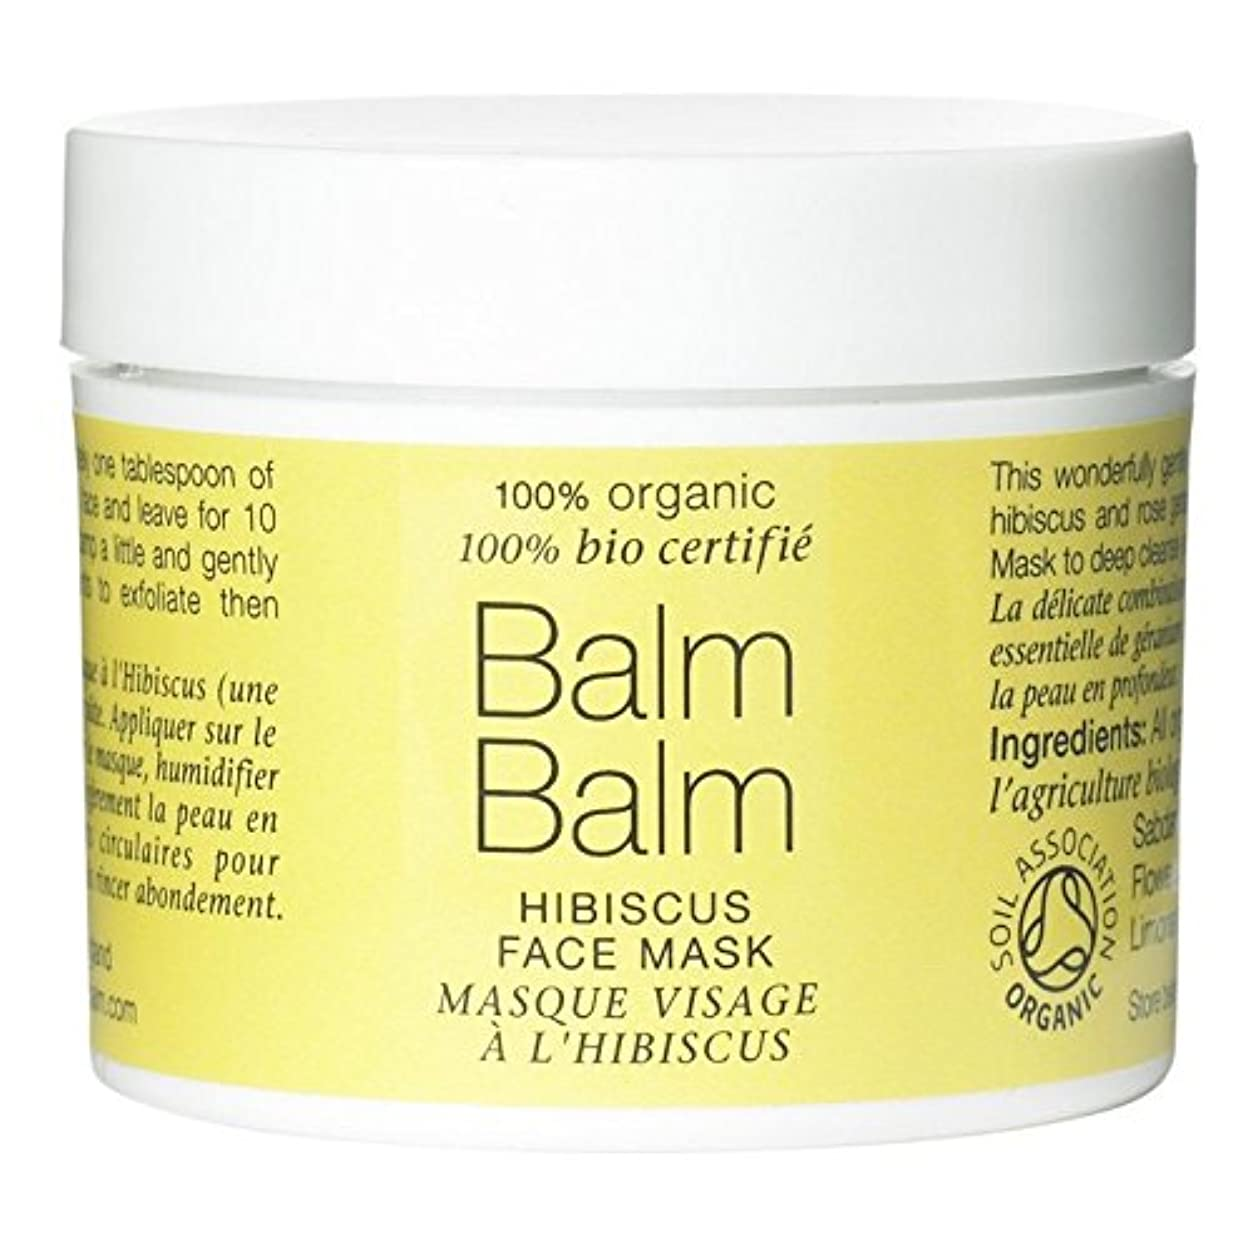 バームバームオーガニックハイビスカスフェイスマスク100グラム x2 - Balm Balm Organic Hibiscus Face Mask 100g (Pack of 2) [並行輸入品]